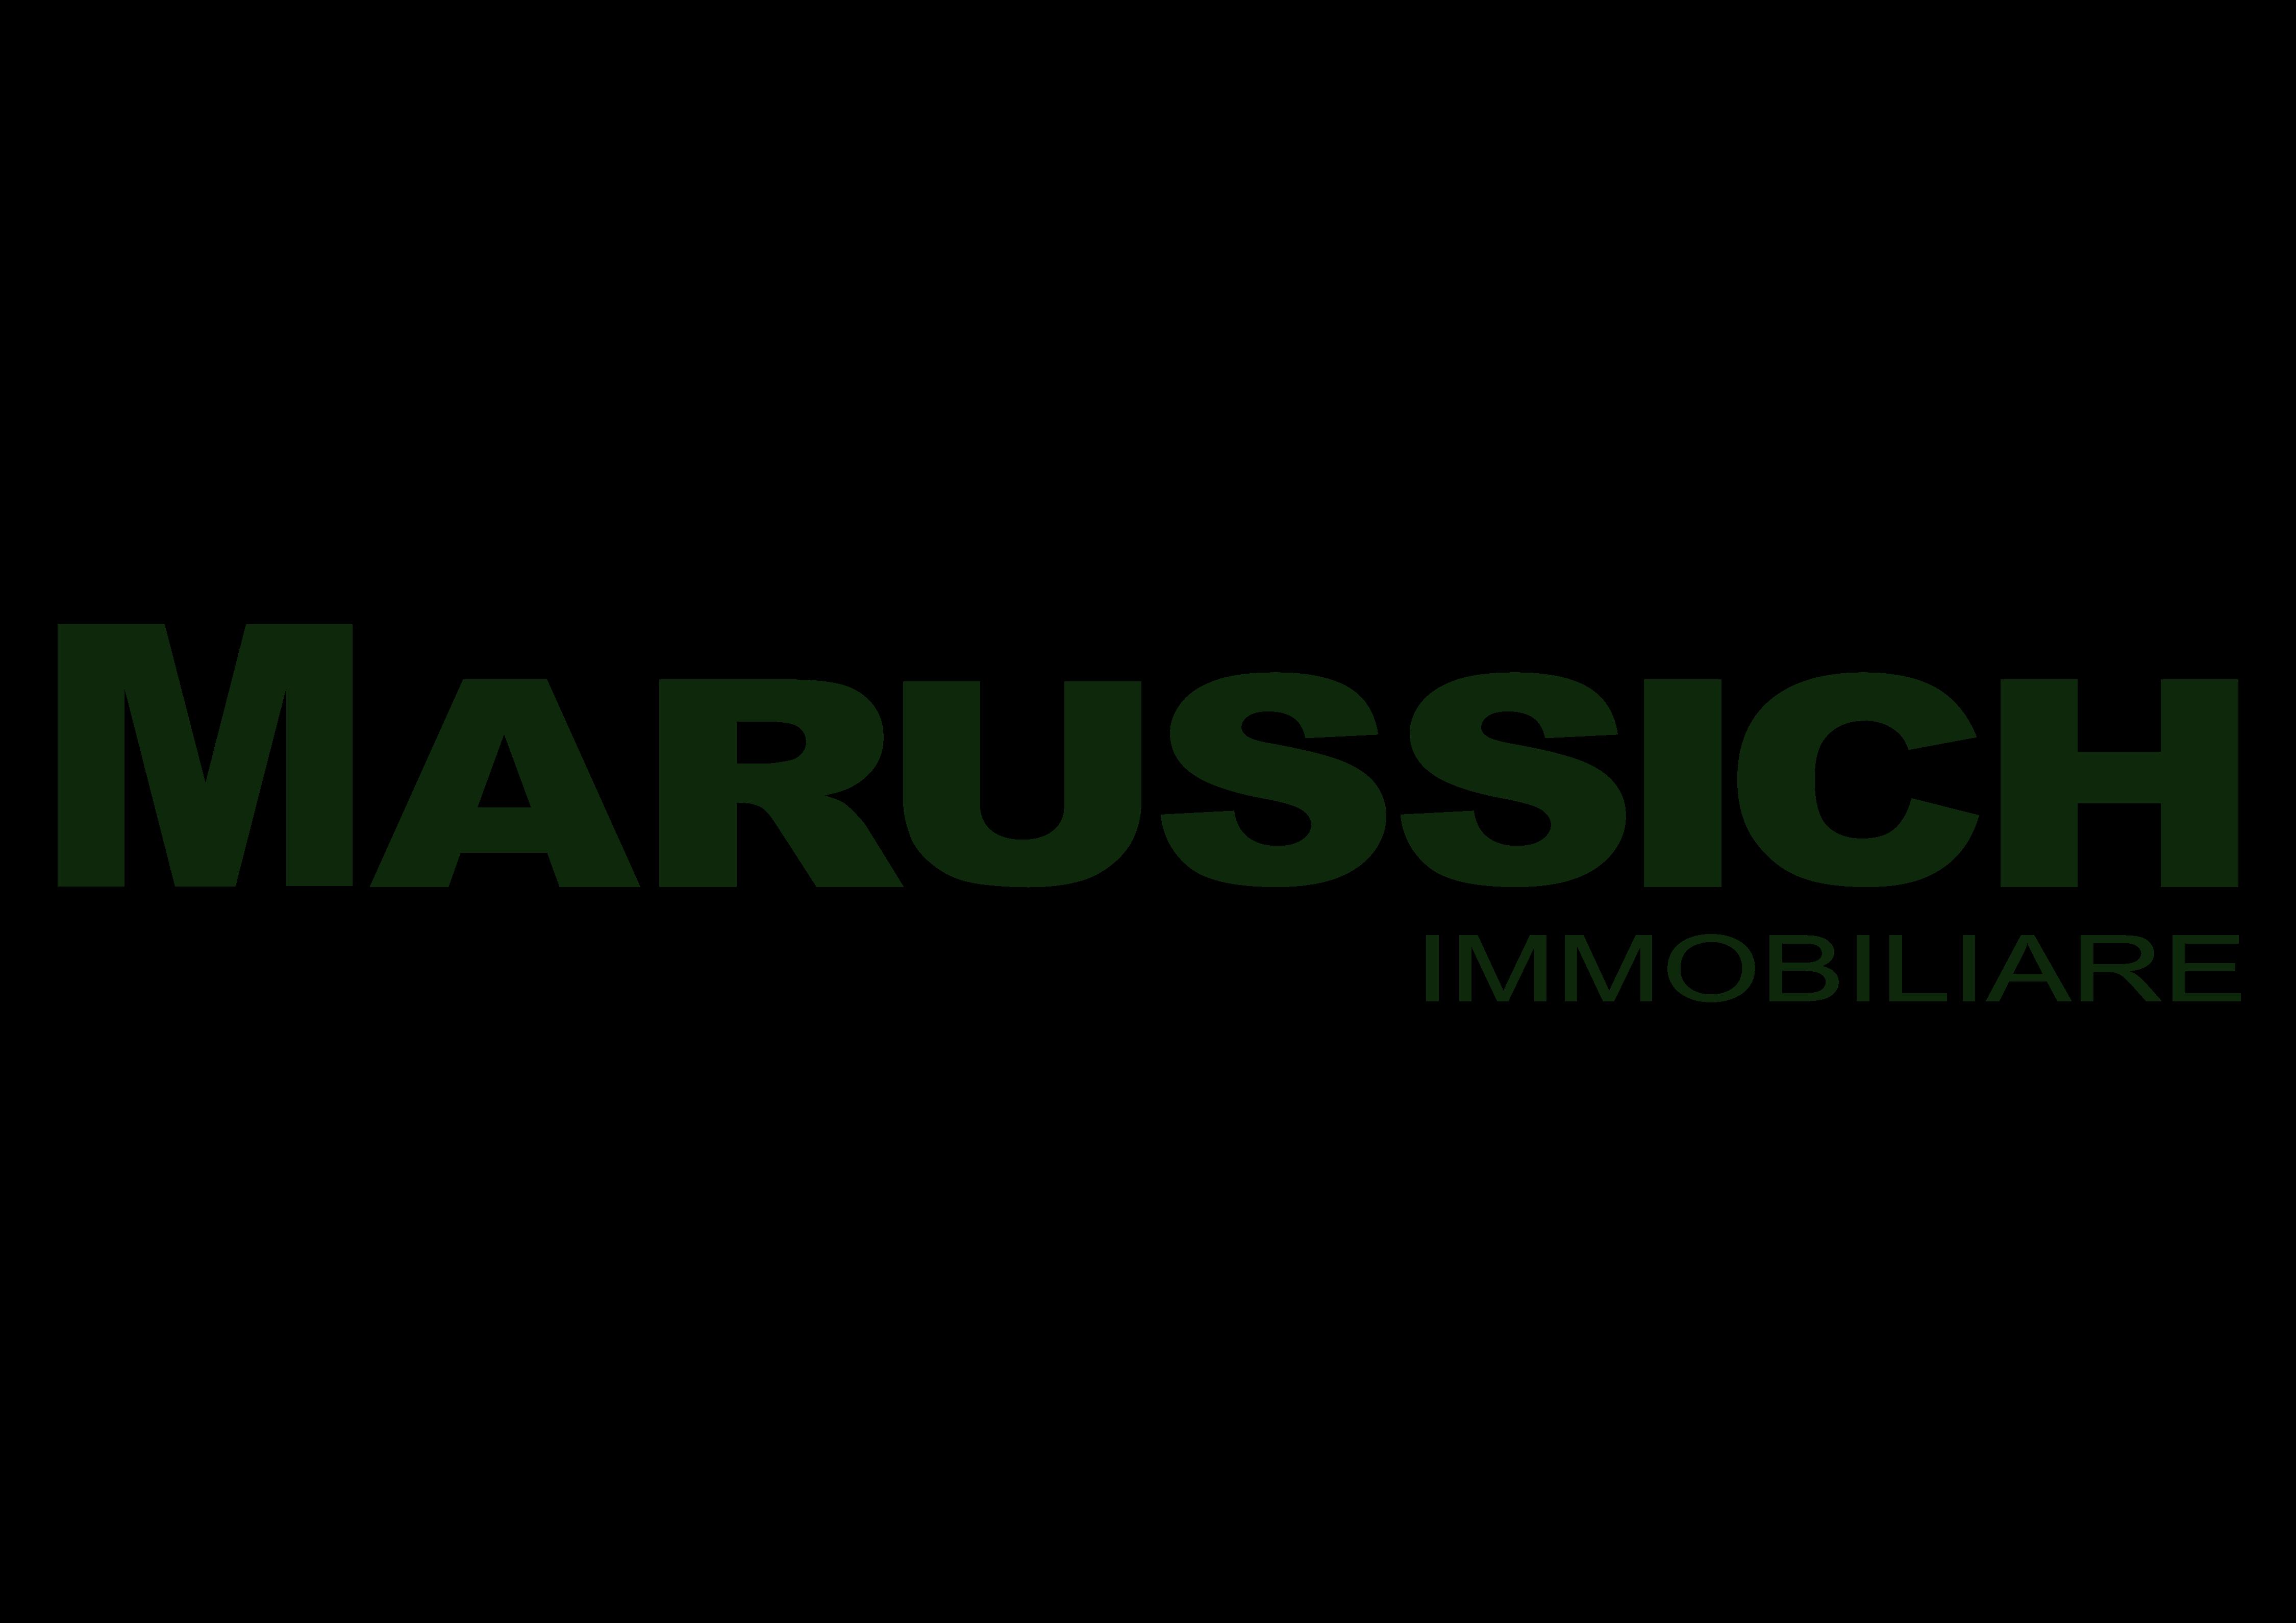 MARUSSICH immobiliare | vendita, nuove costruzioni, appartamenti, ville, case e immobili